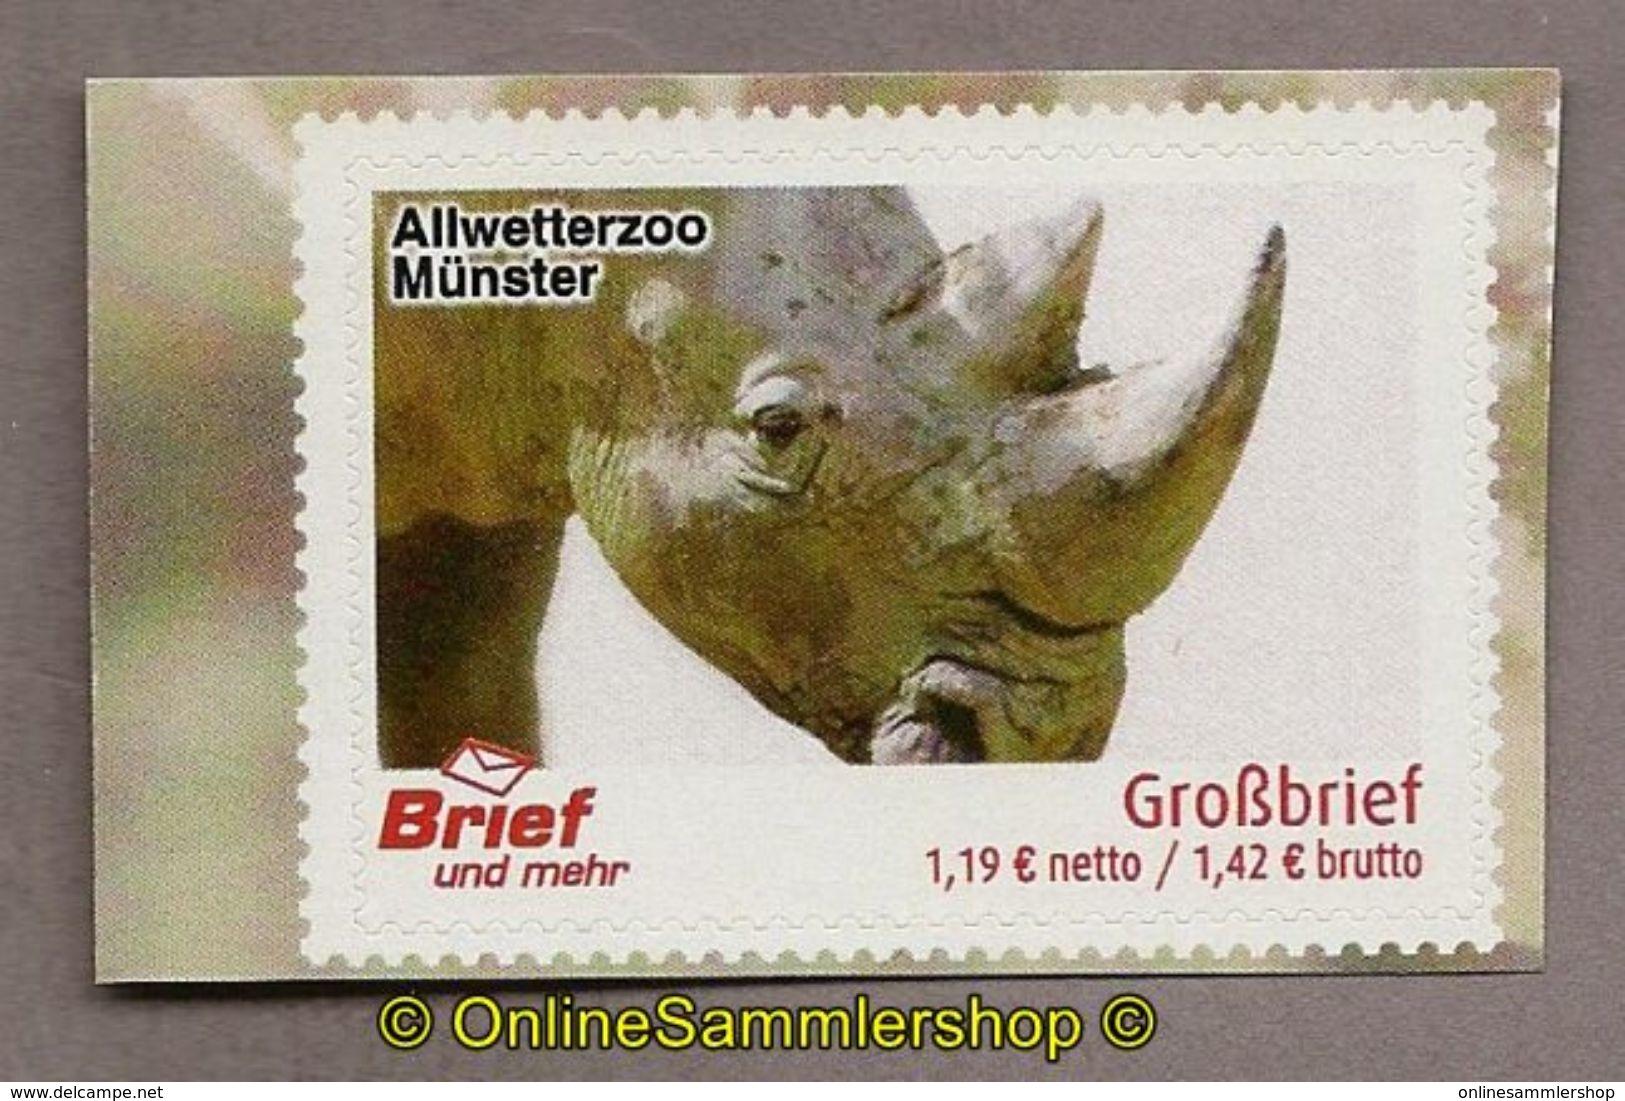 L02) Privatpost - Brief Und Mehr - Allwetterzoo Münster - Nashorn (Rhinocerotidae) - BRD